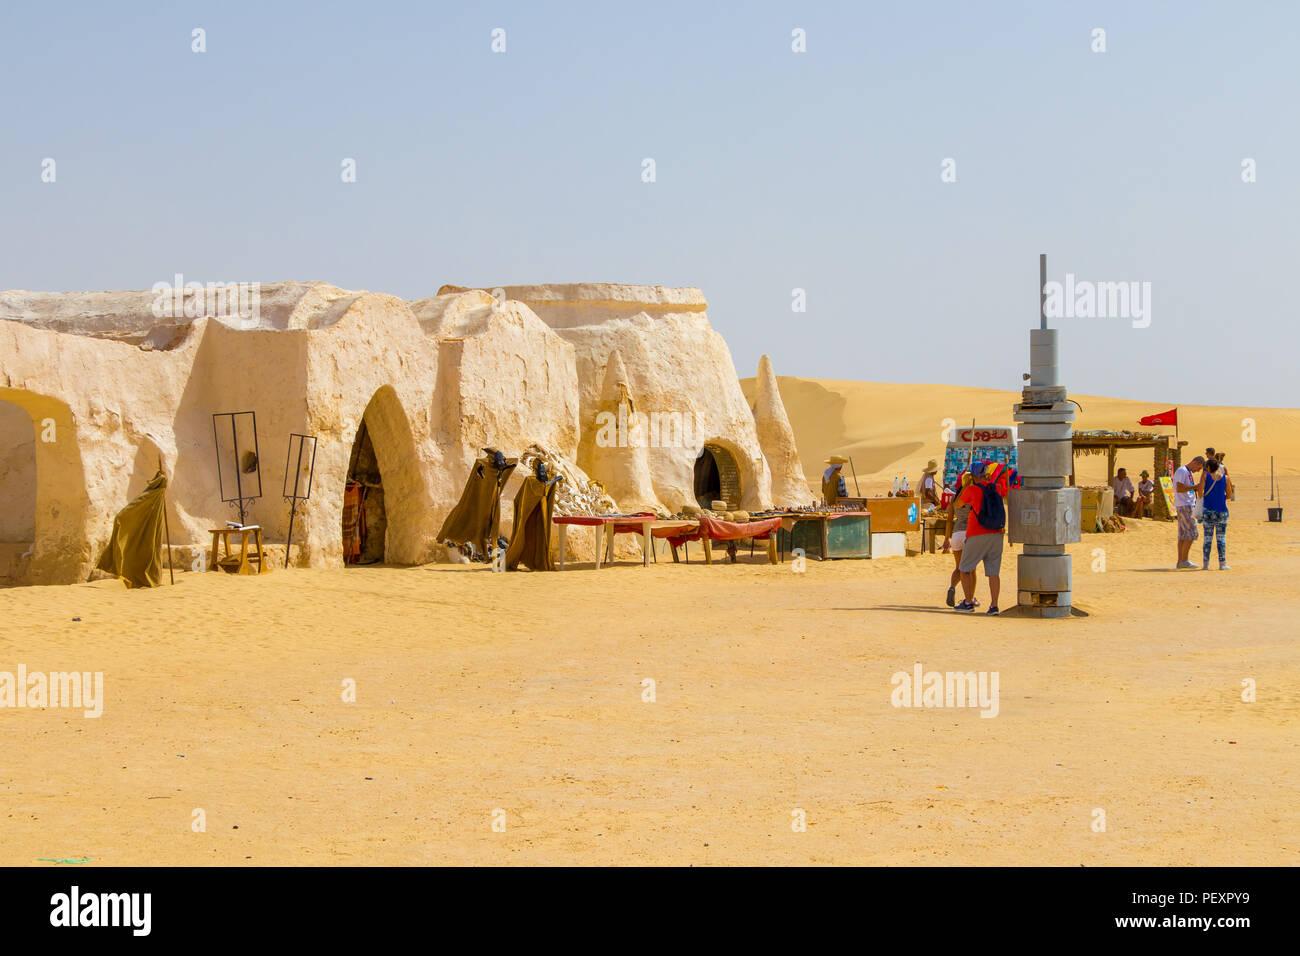 Le persone e i falsi costumi di Darth Vader di star wars, Tunisia, Africa Immagini Stock